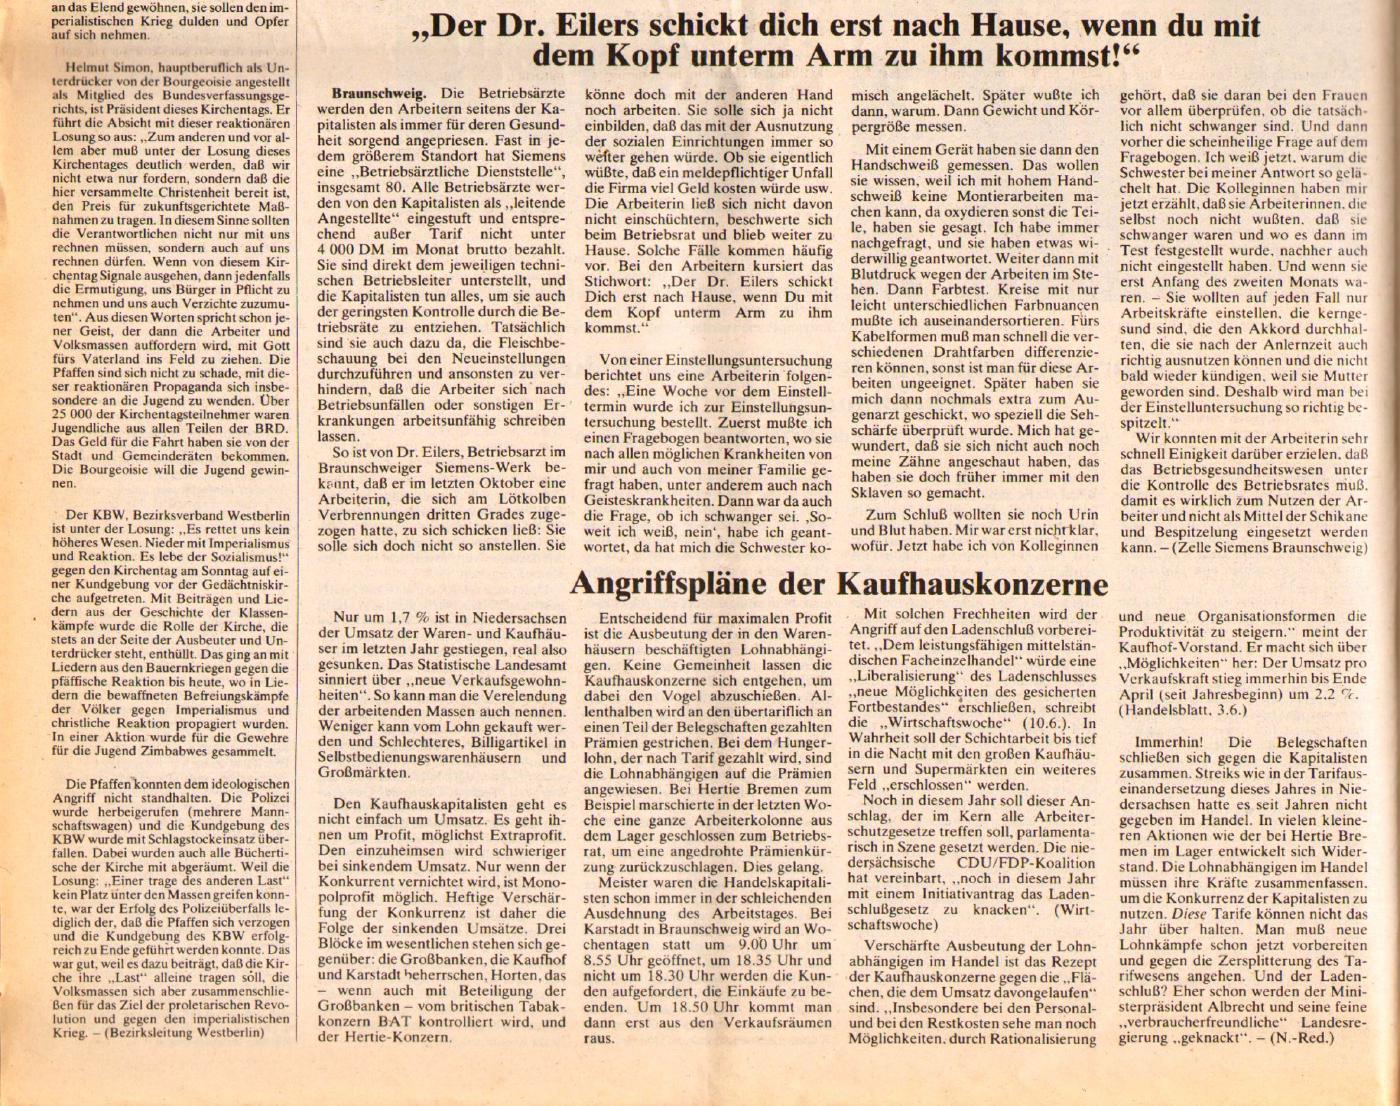 KVZ_Nord_1977_24_12